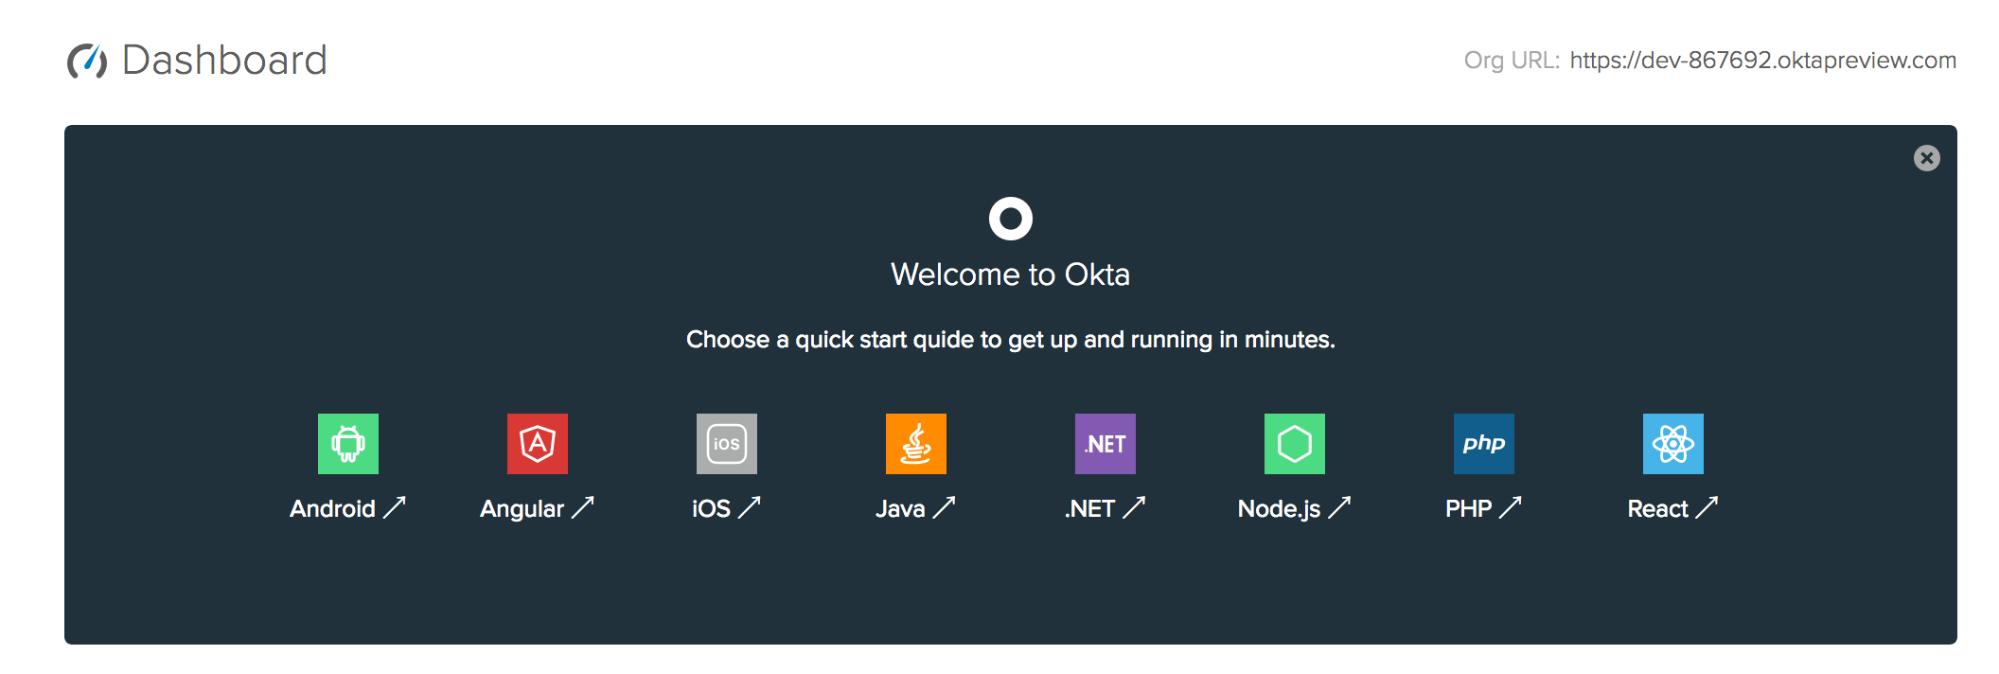 Okta Org URL